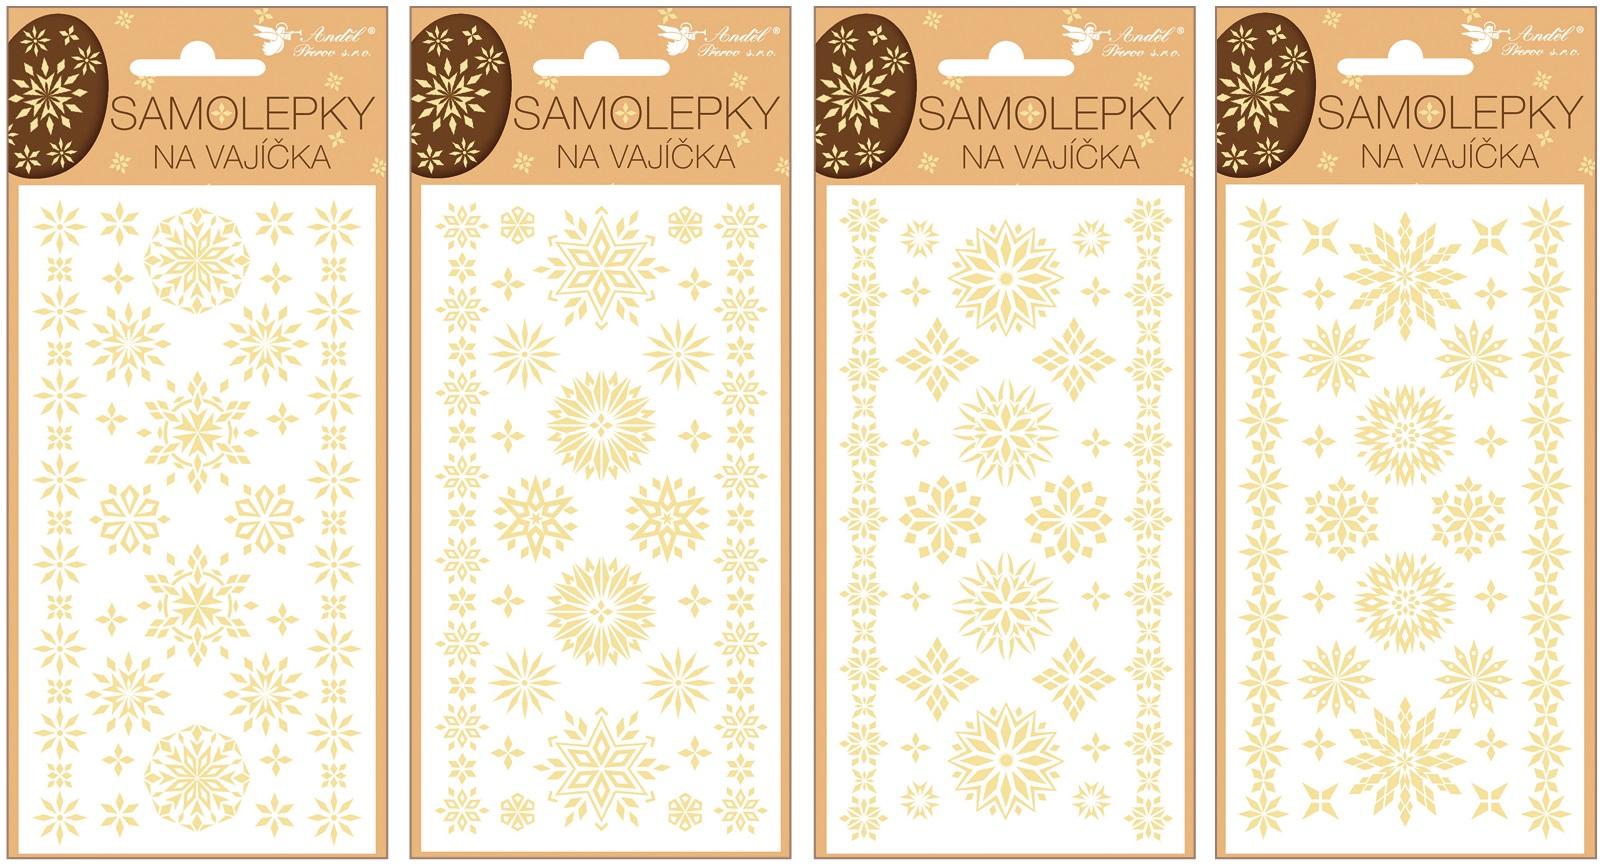 Samolepky velikonoční gelové sláma 19 x 9cm